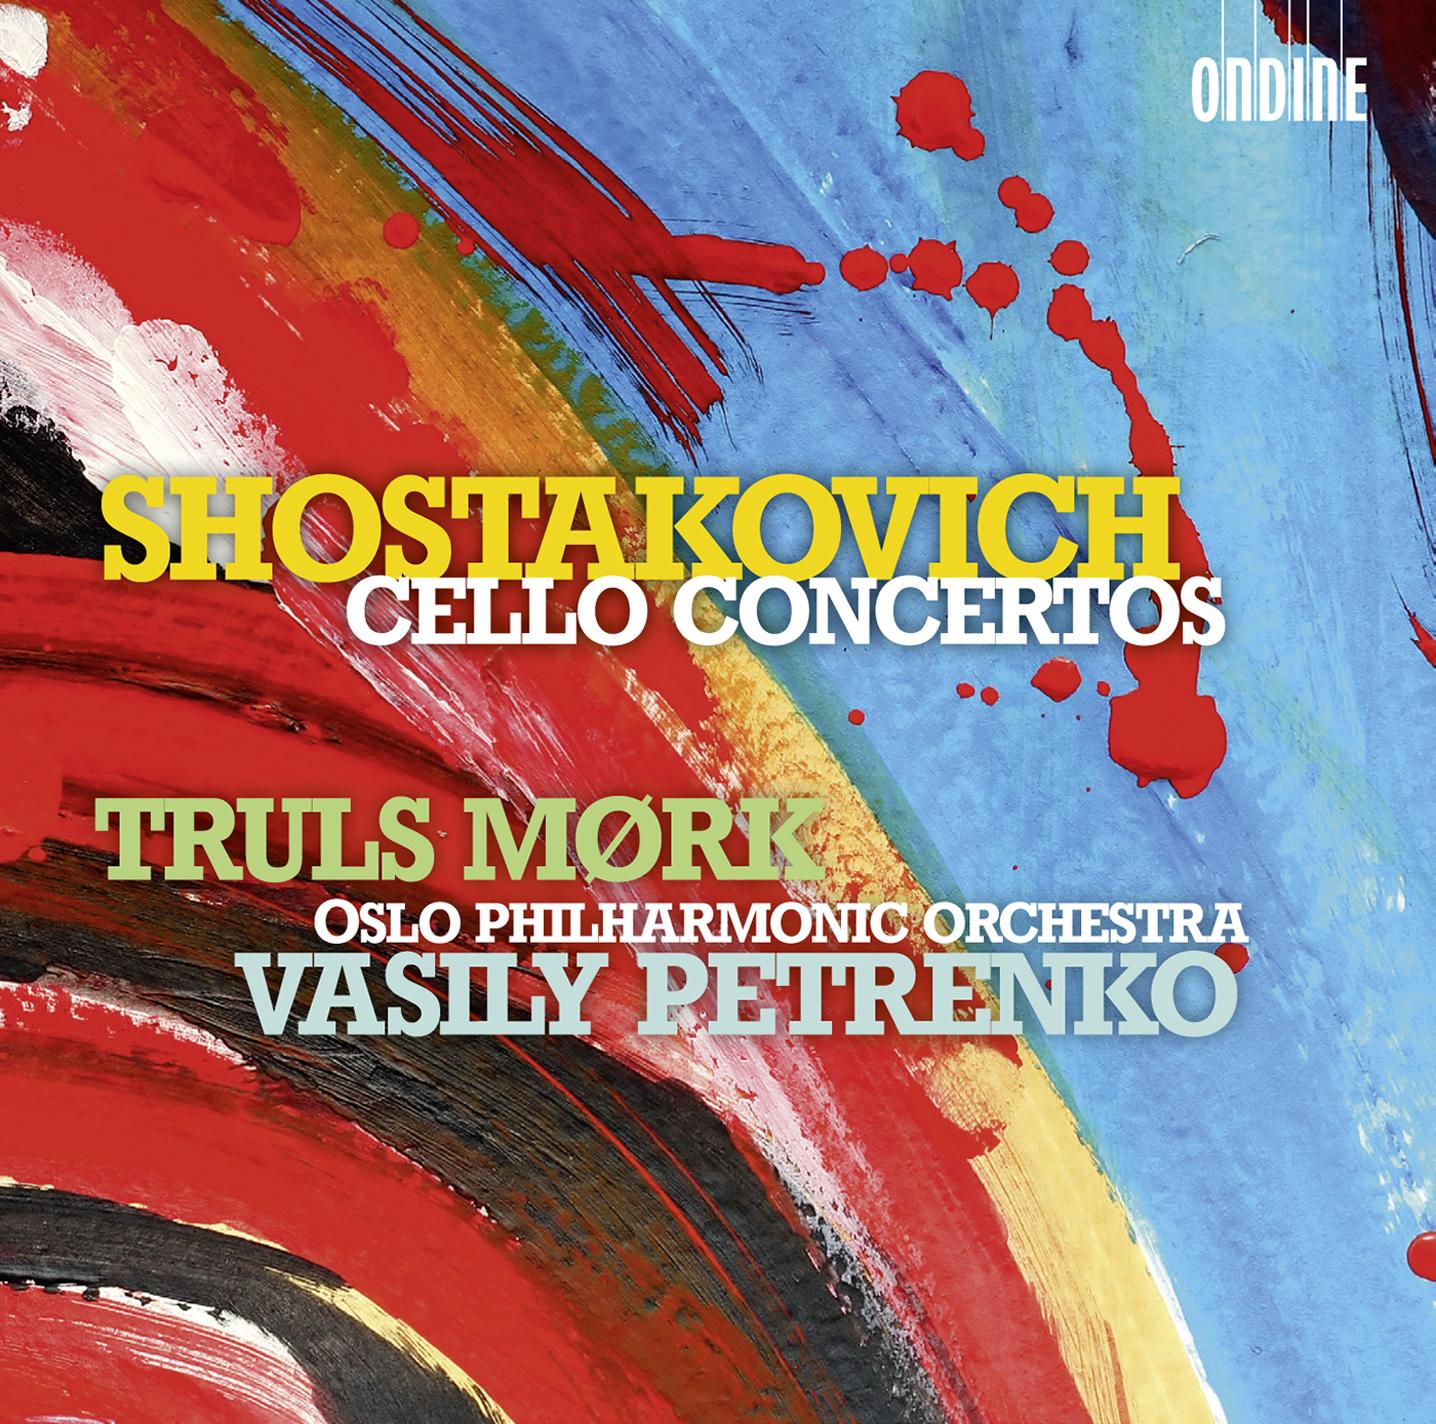 Shostakovich: Cello Concertos